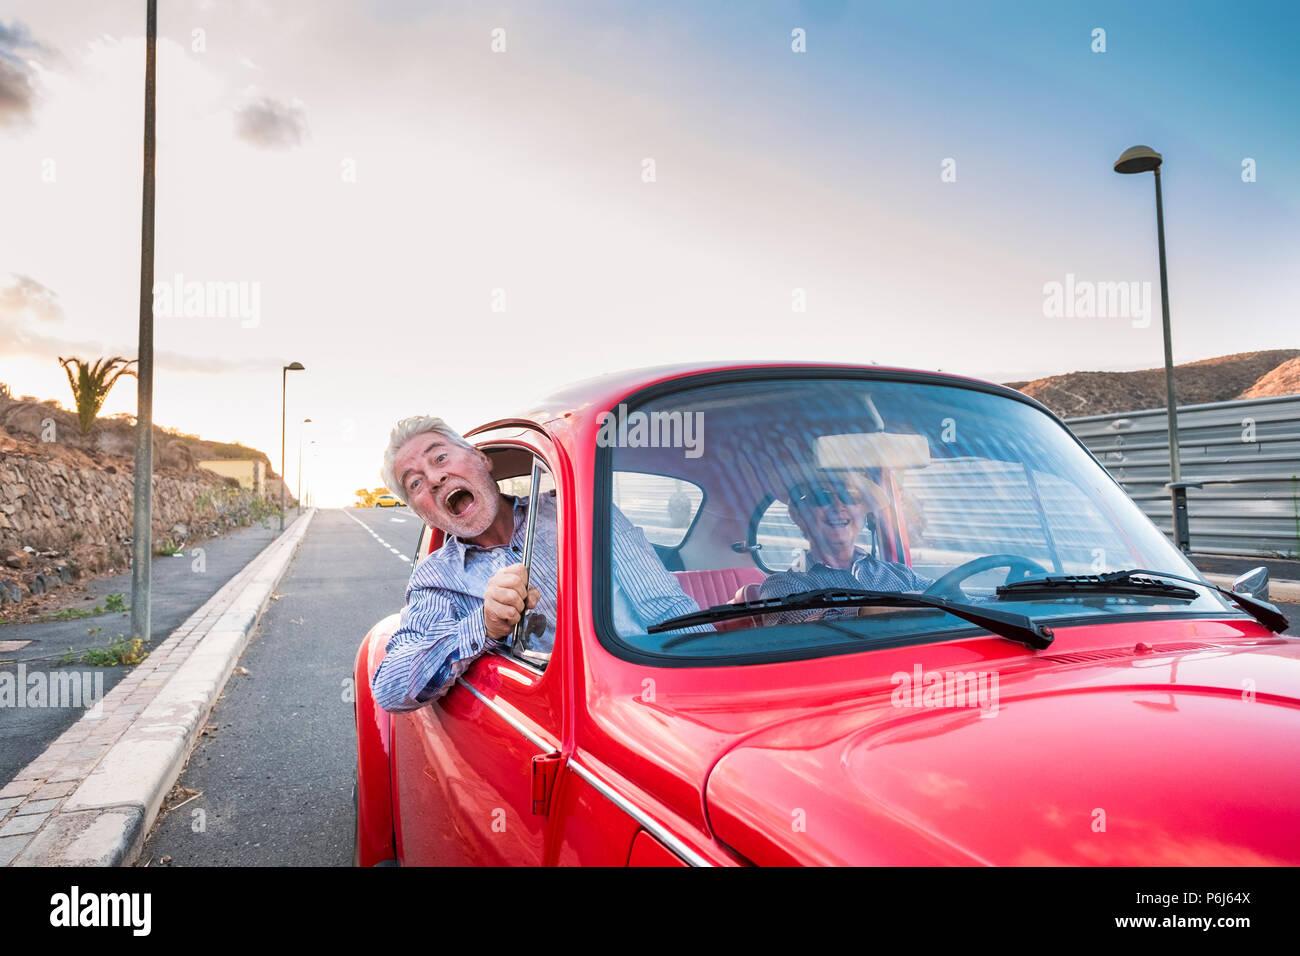 Belle belle senior adult couple voyageant ensemble pendant que la femme et l'homme crier pour faire peur ou de la folie. Le bonheur et joie ensemble f Photo Stock